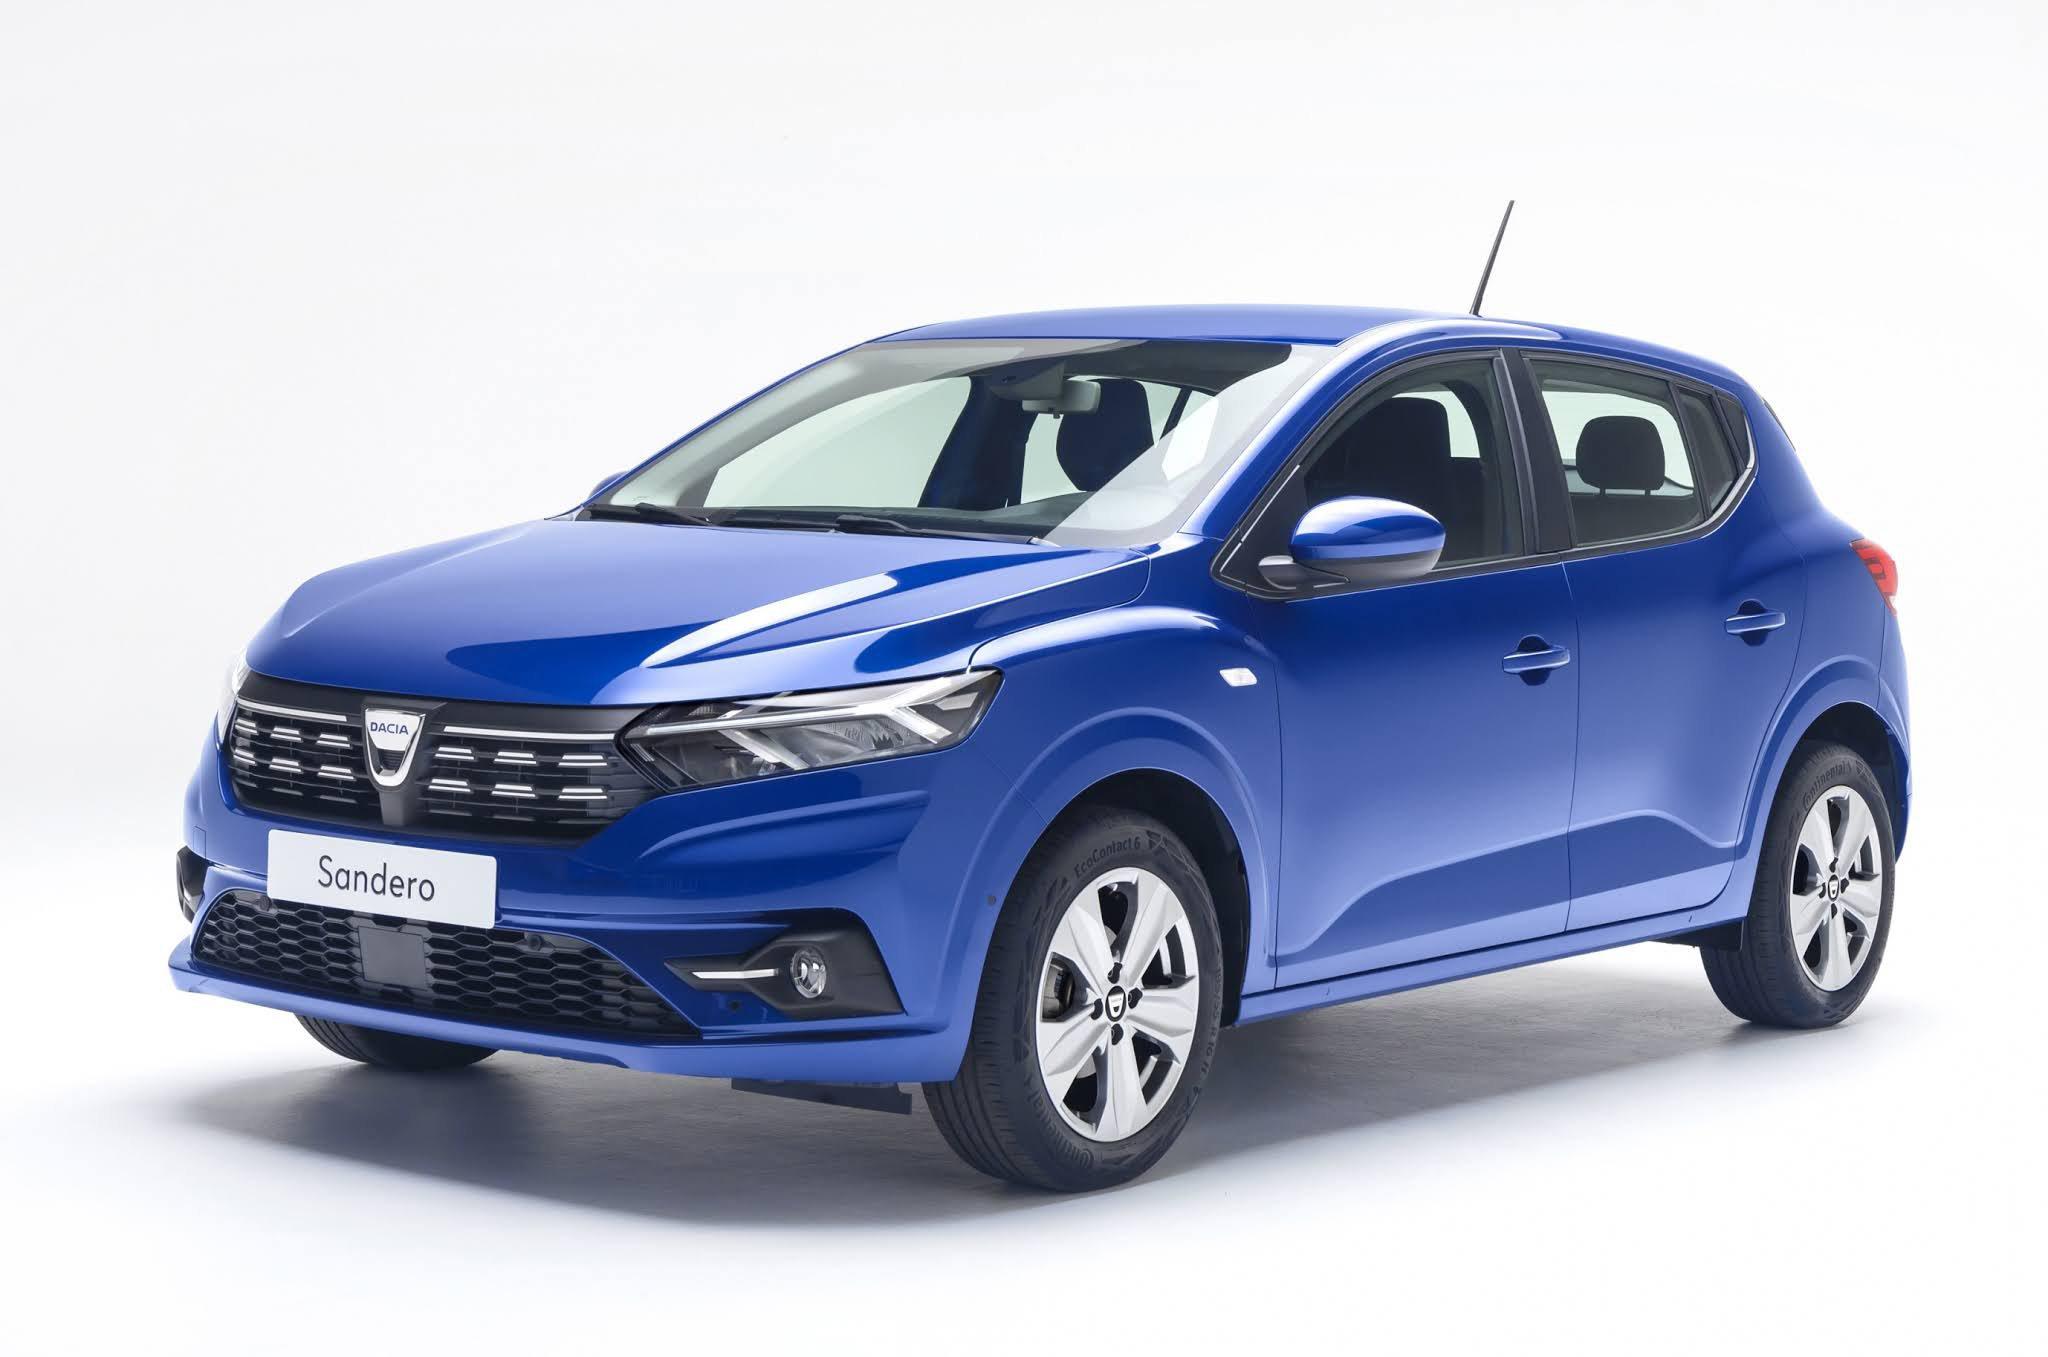 2021 Dacia Sandero front